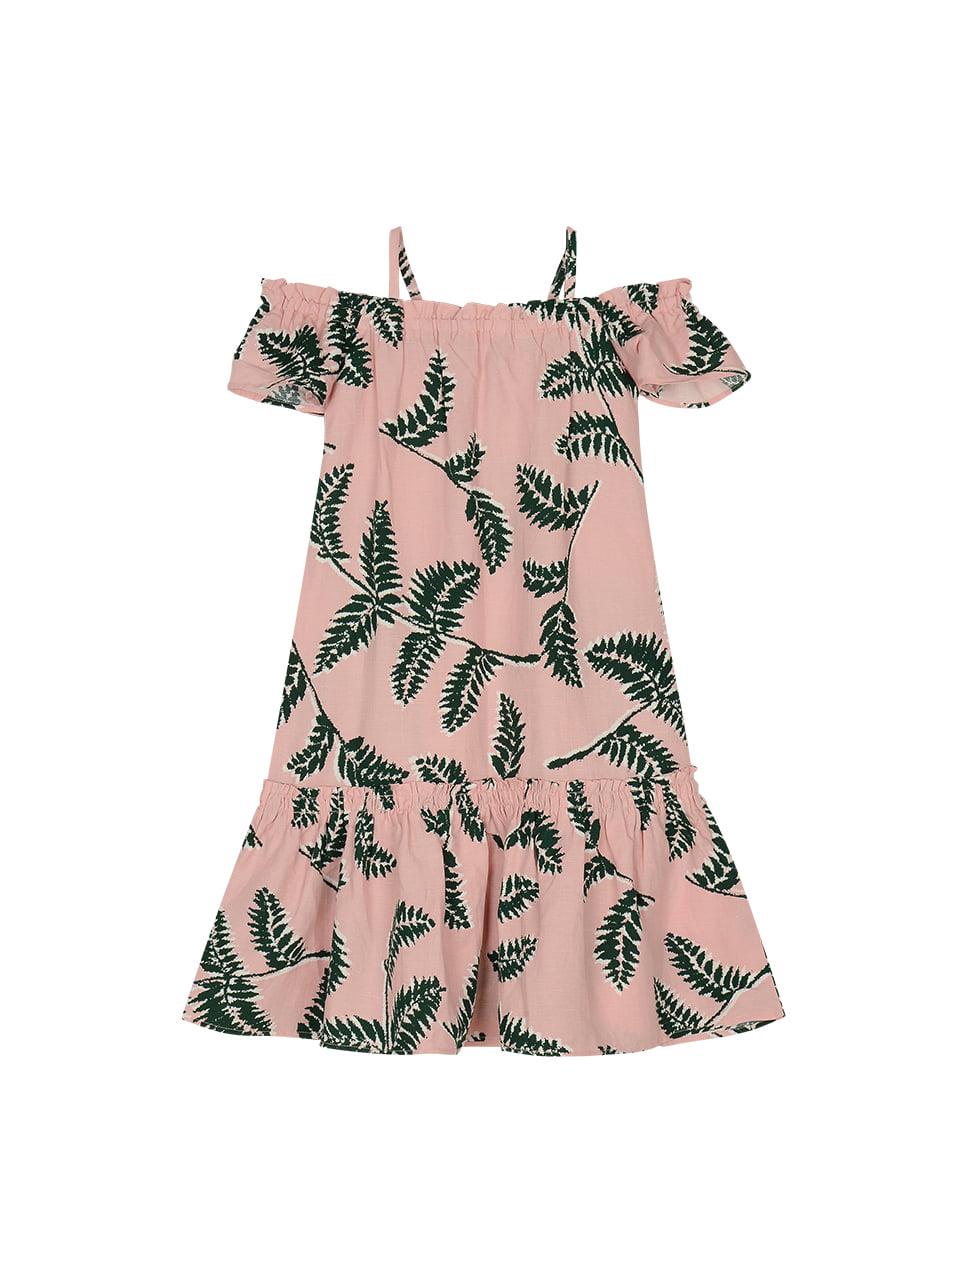 CASSIA OFF-SHOULDER KIDS DRESSswimwear,수영복,비키니,데이즈데이즈,dazedayz,디자이너수영복,스윔웨어